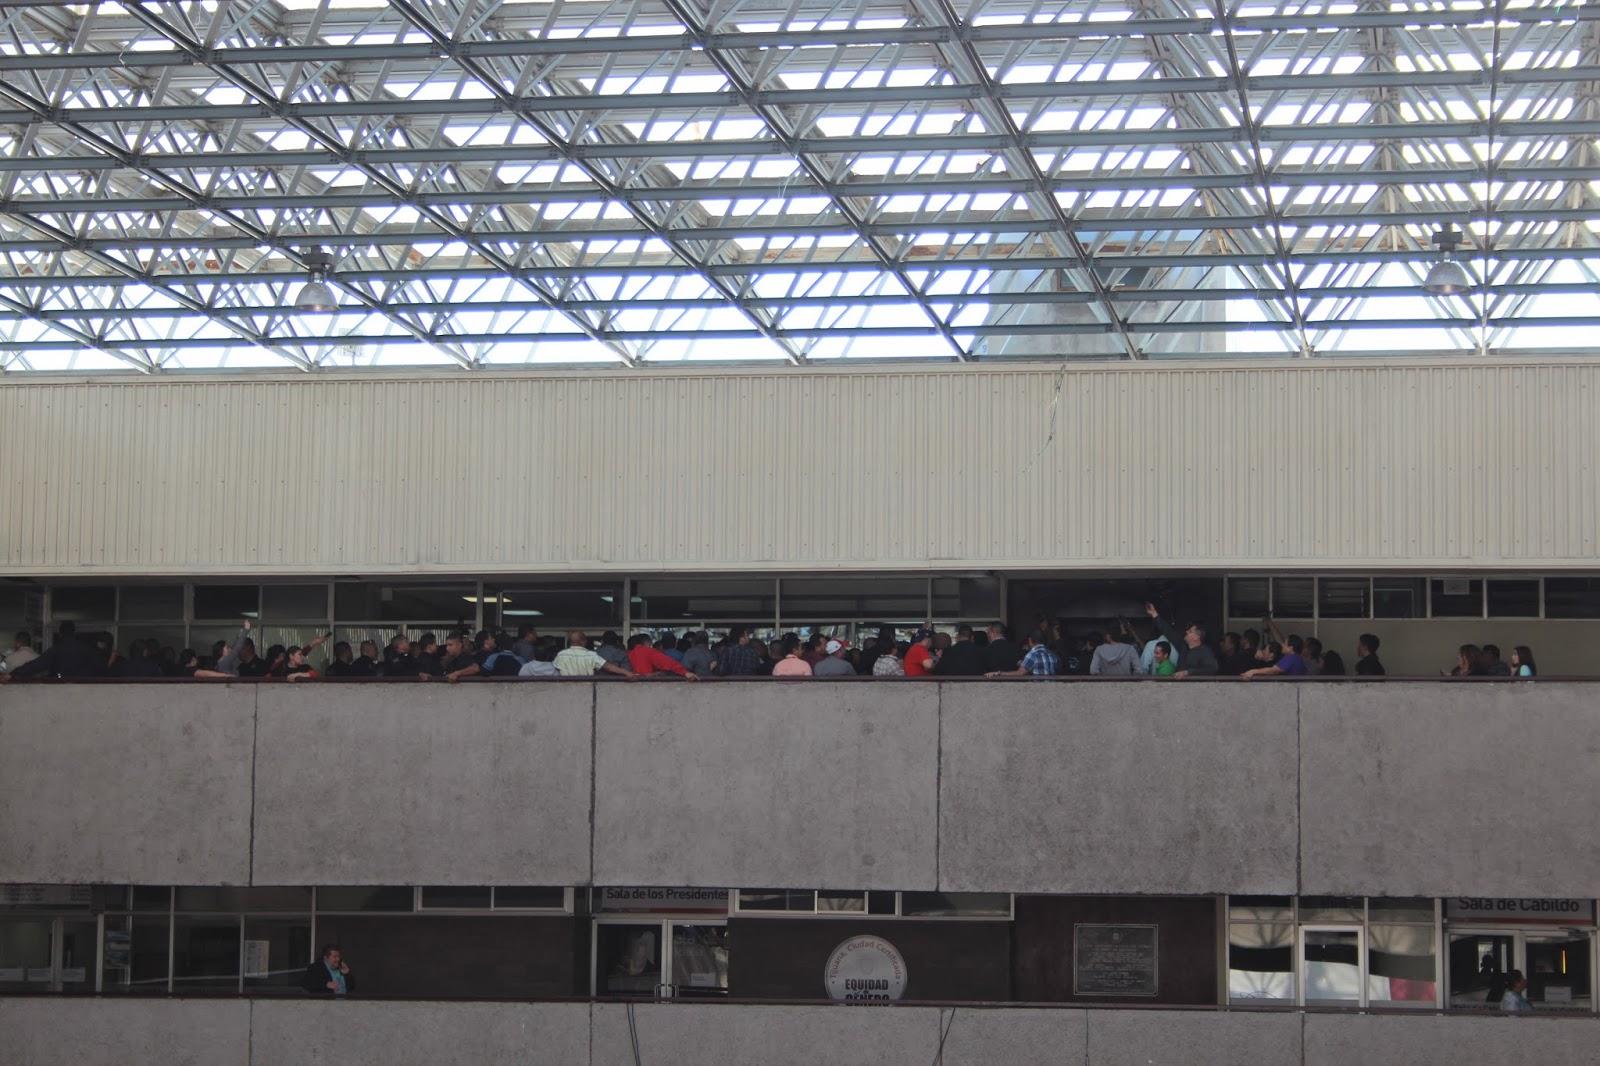 Noticias tijuana express fotoreportaje de trifulca en las puertas de la oficina del presidente - Oficina municipal del taxi ...